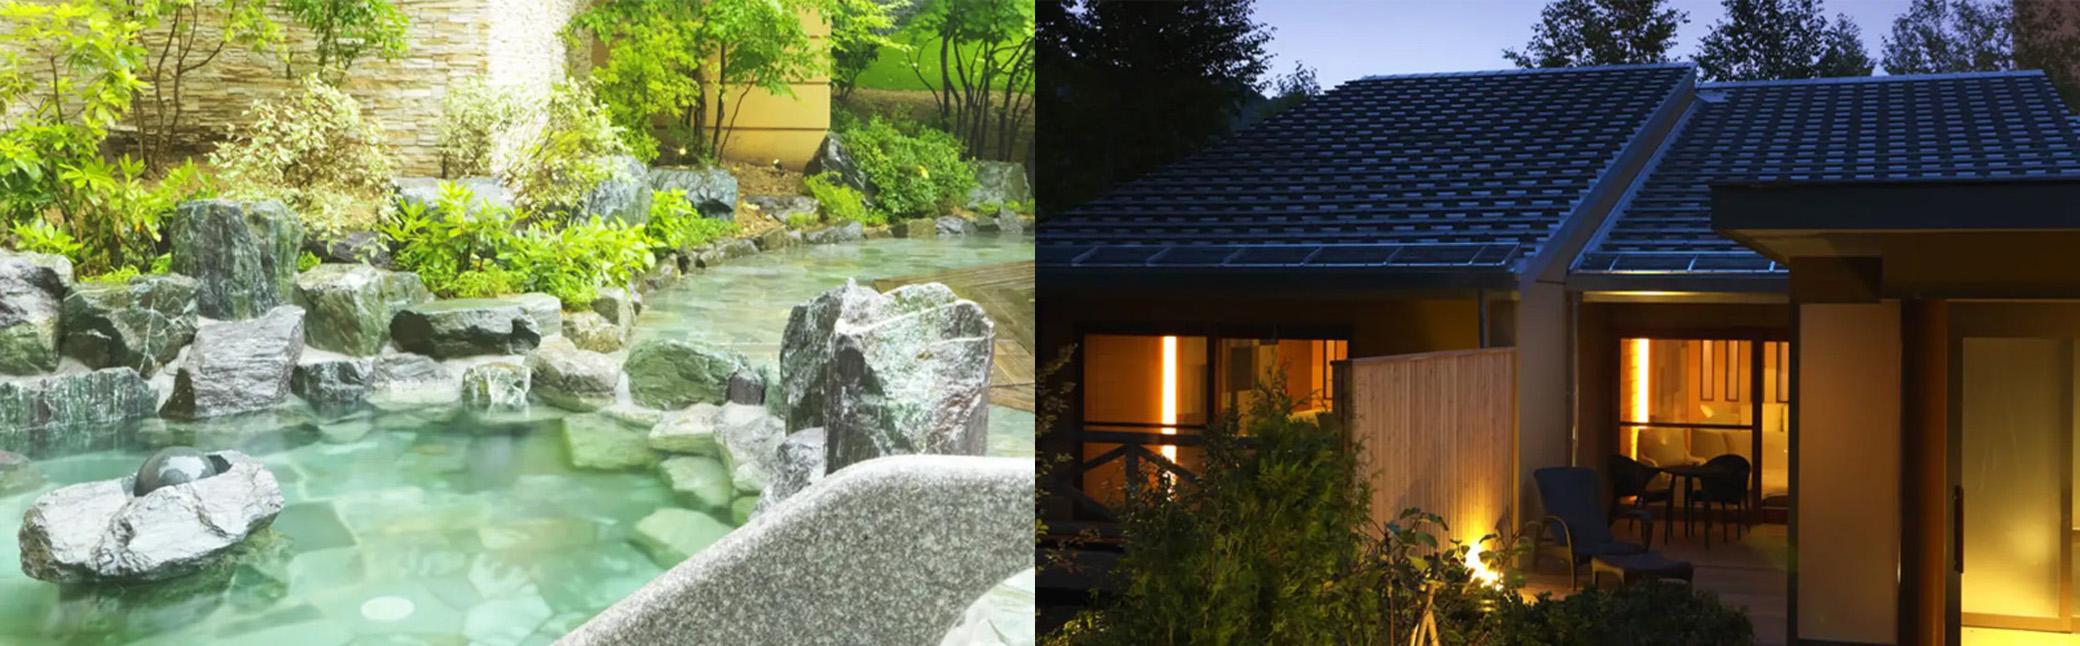 ฮอกไกโด ทัวร์ออนเซ็นที่โรงแรม Jozankei Resort Spa Mori No Uta แบบเต็มวัน Hokkaido